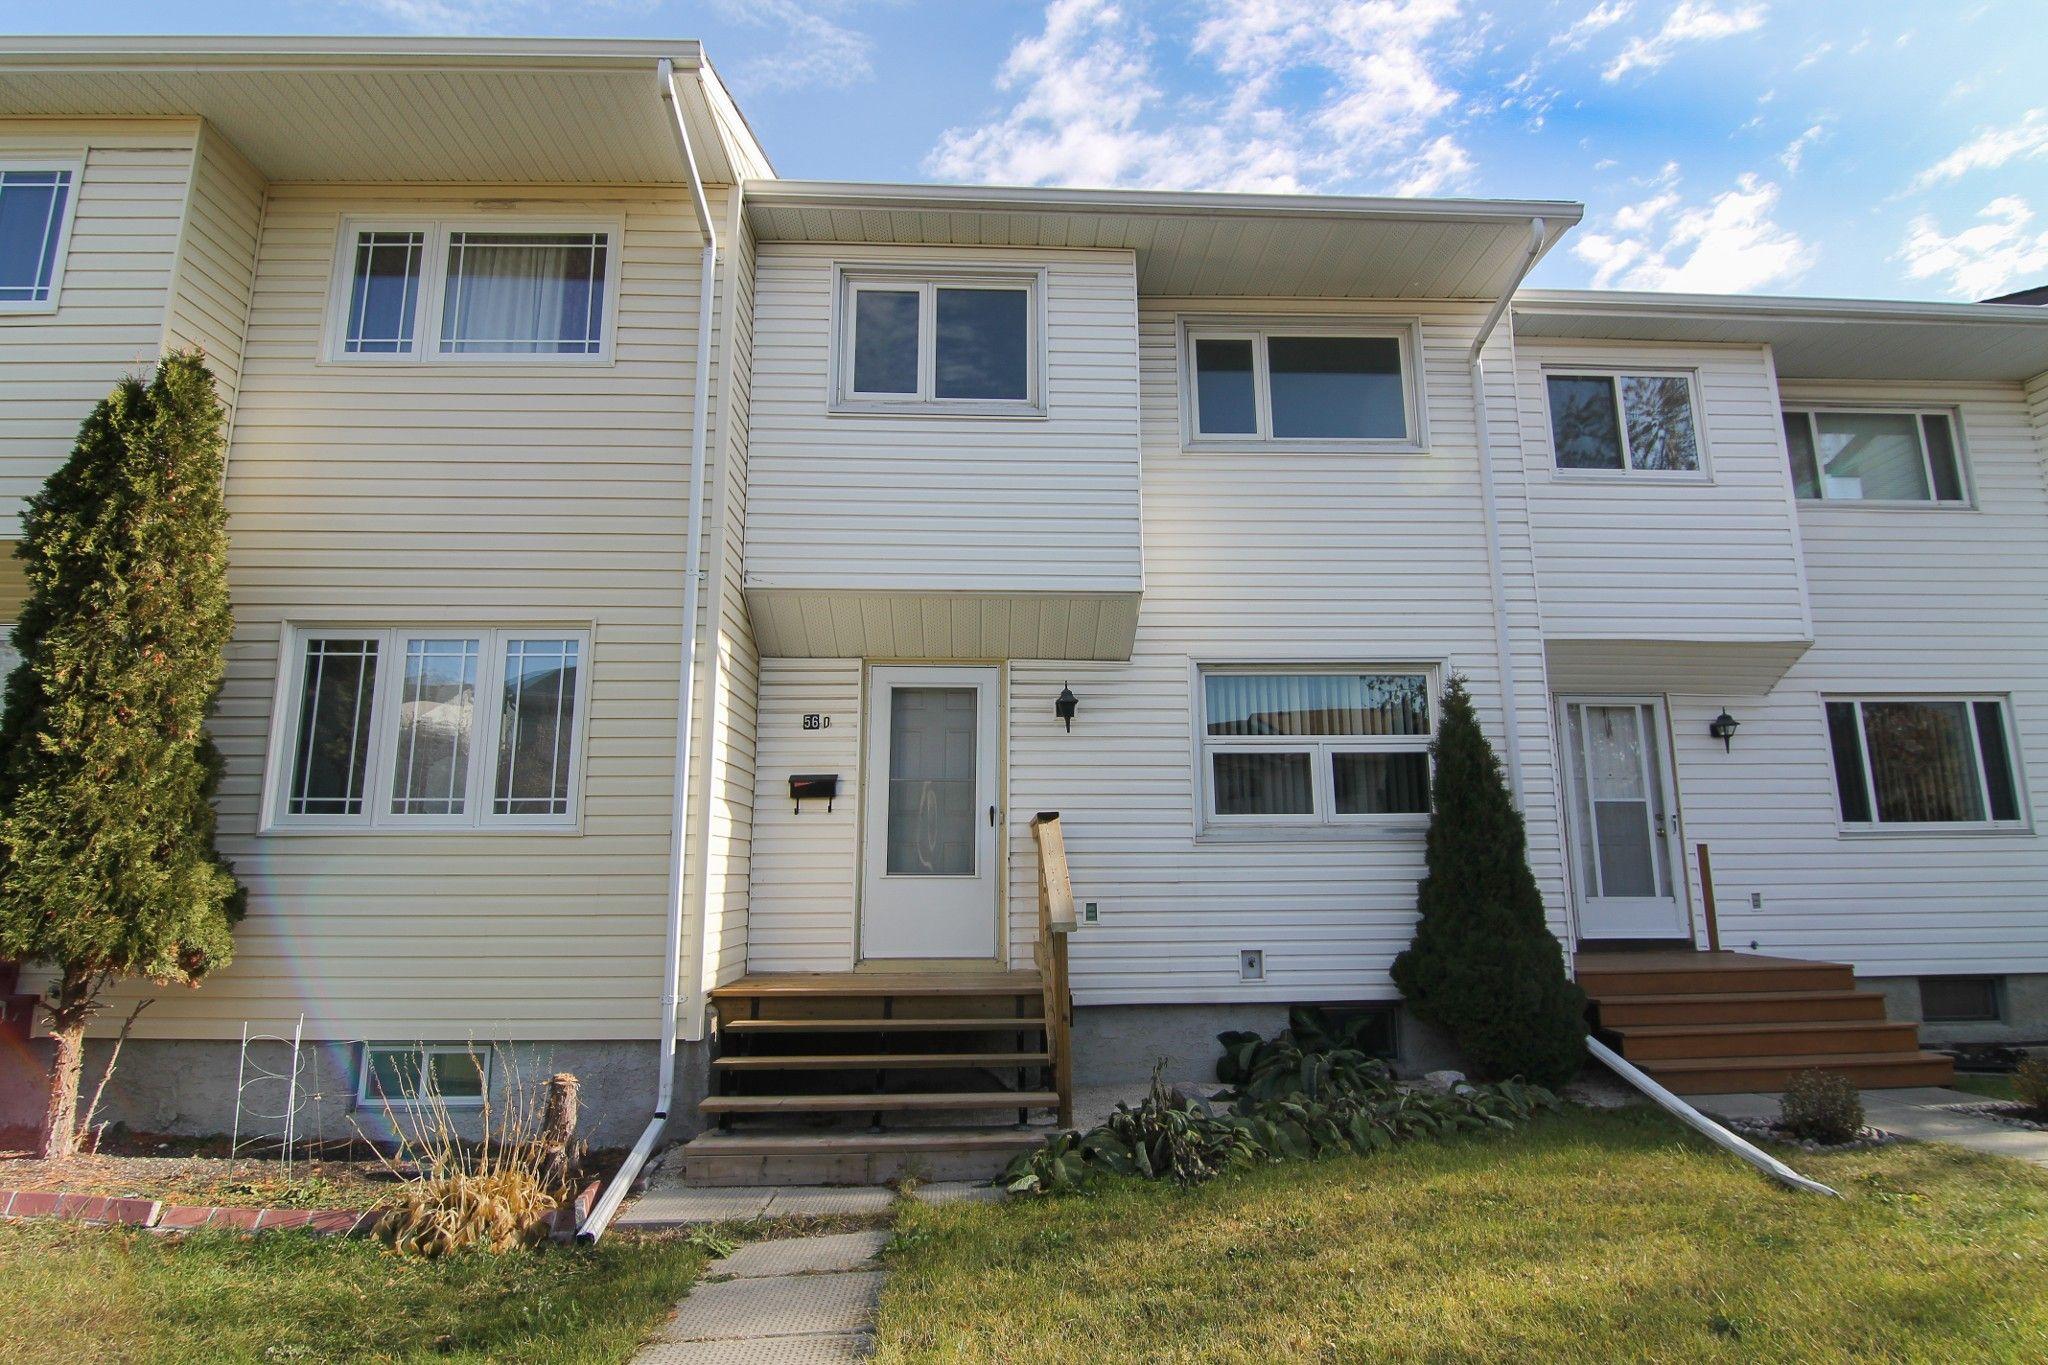 Main Photo: 56 Rougeau Avenue in Winnipeg: Townhouse for sale (3K)  : MLS®# 1828706